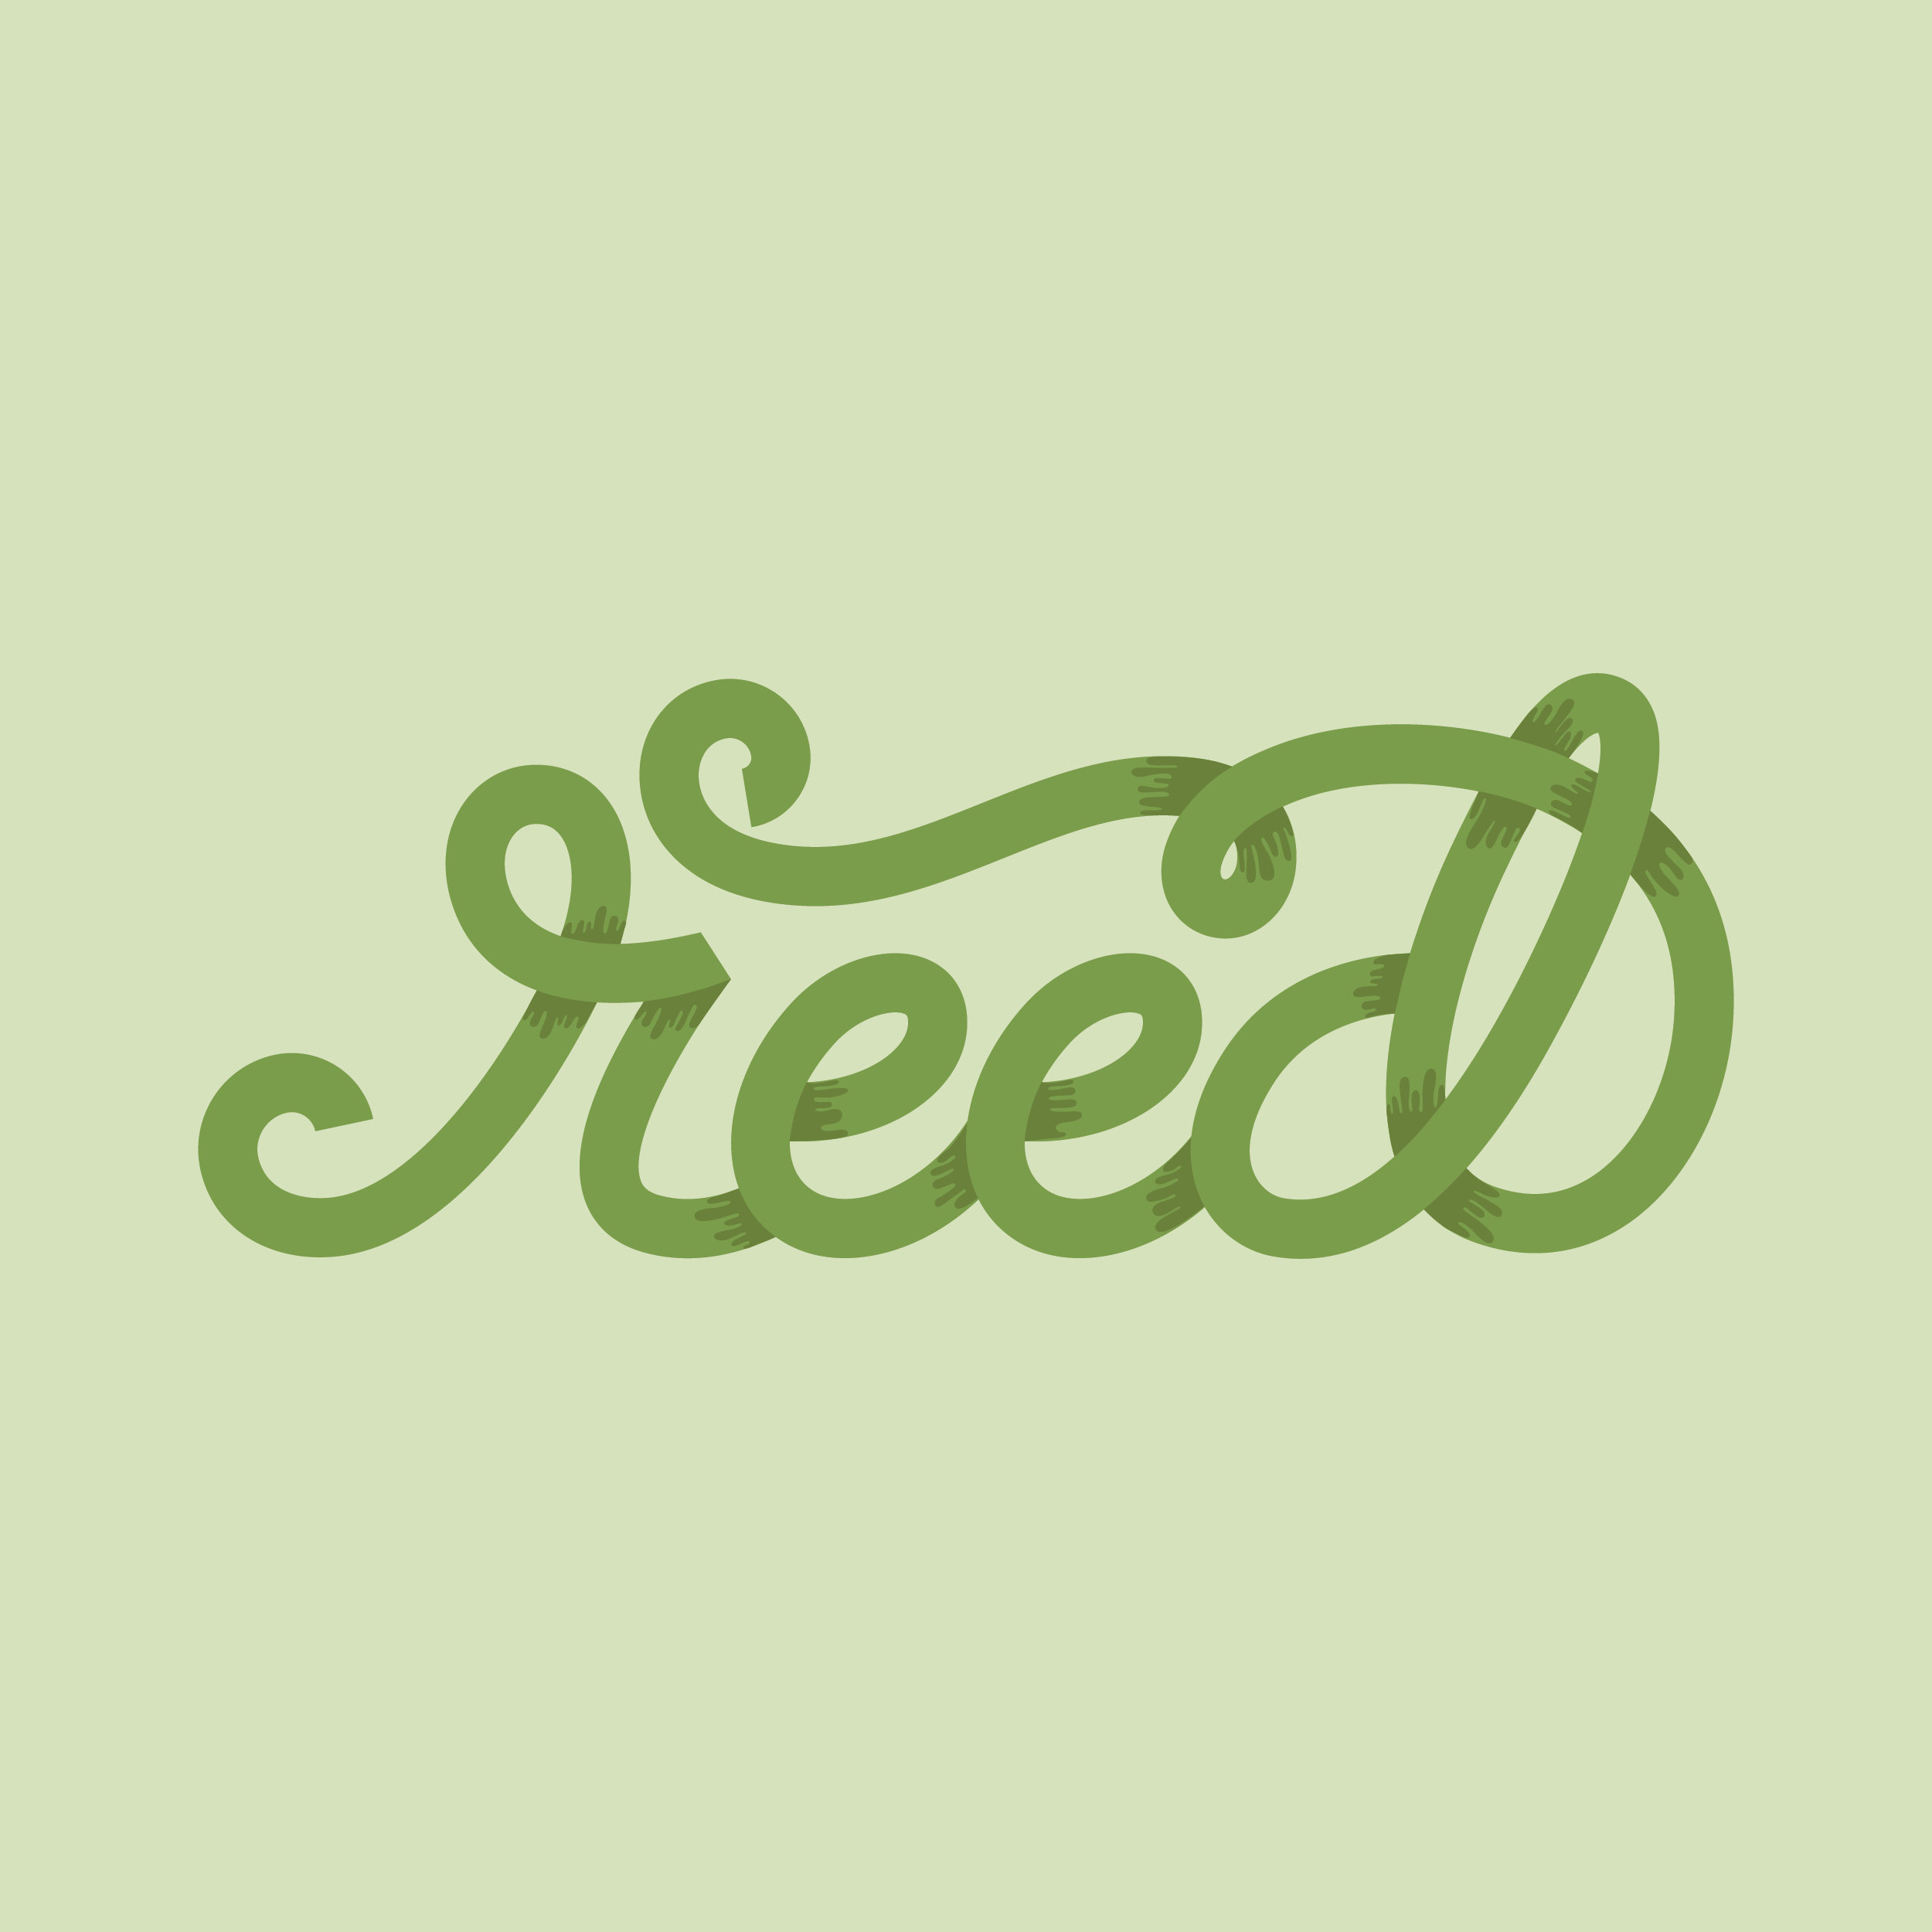 Reed-01.jpg